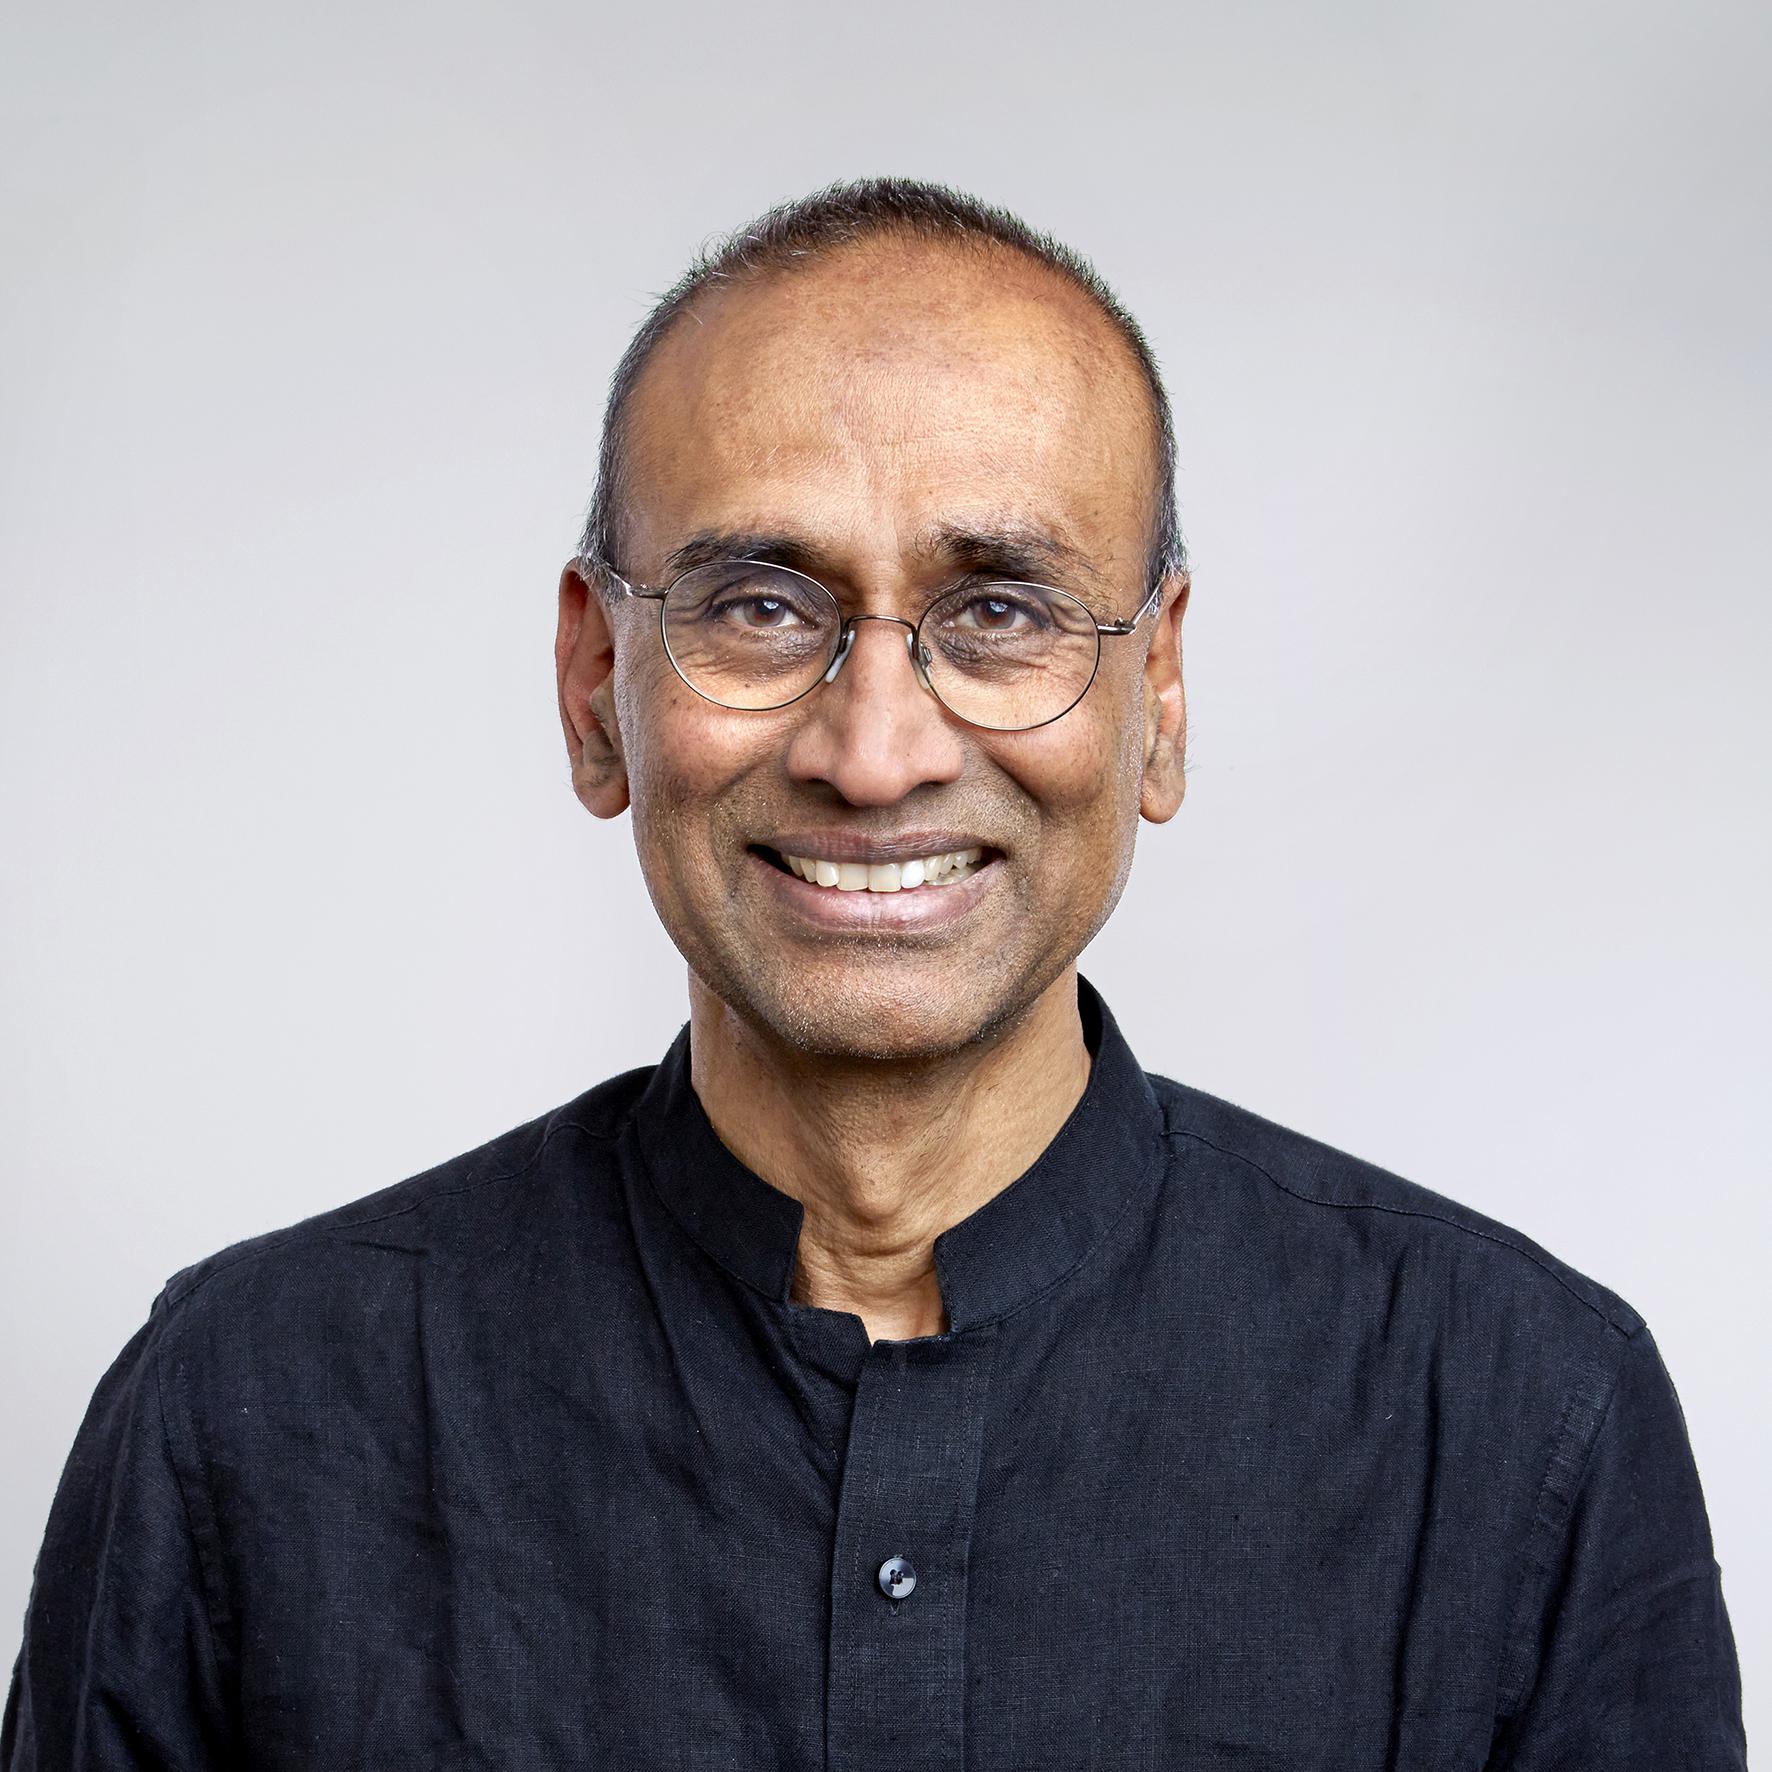 image of Venkatraman Ramakrishnan